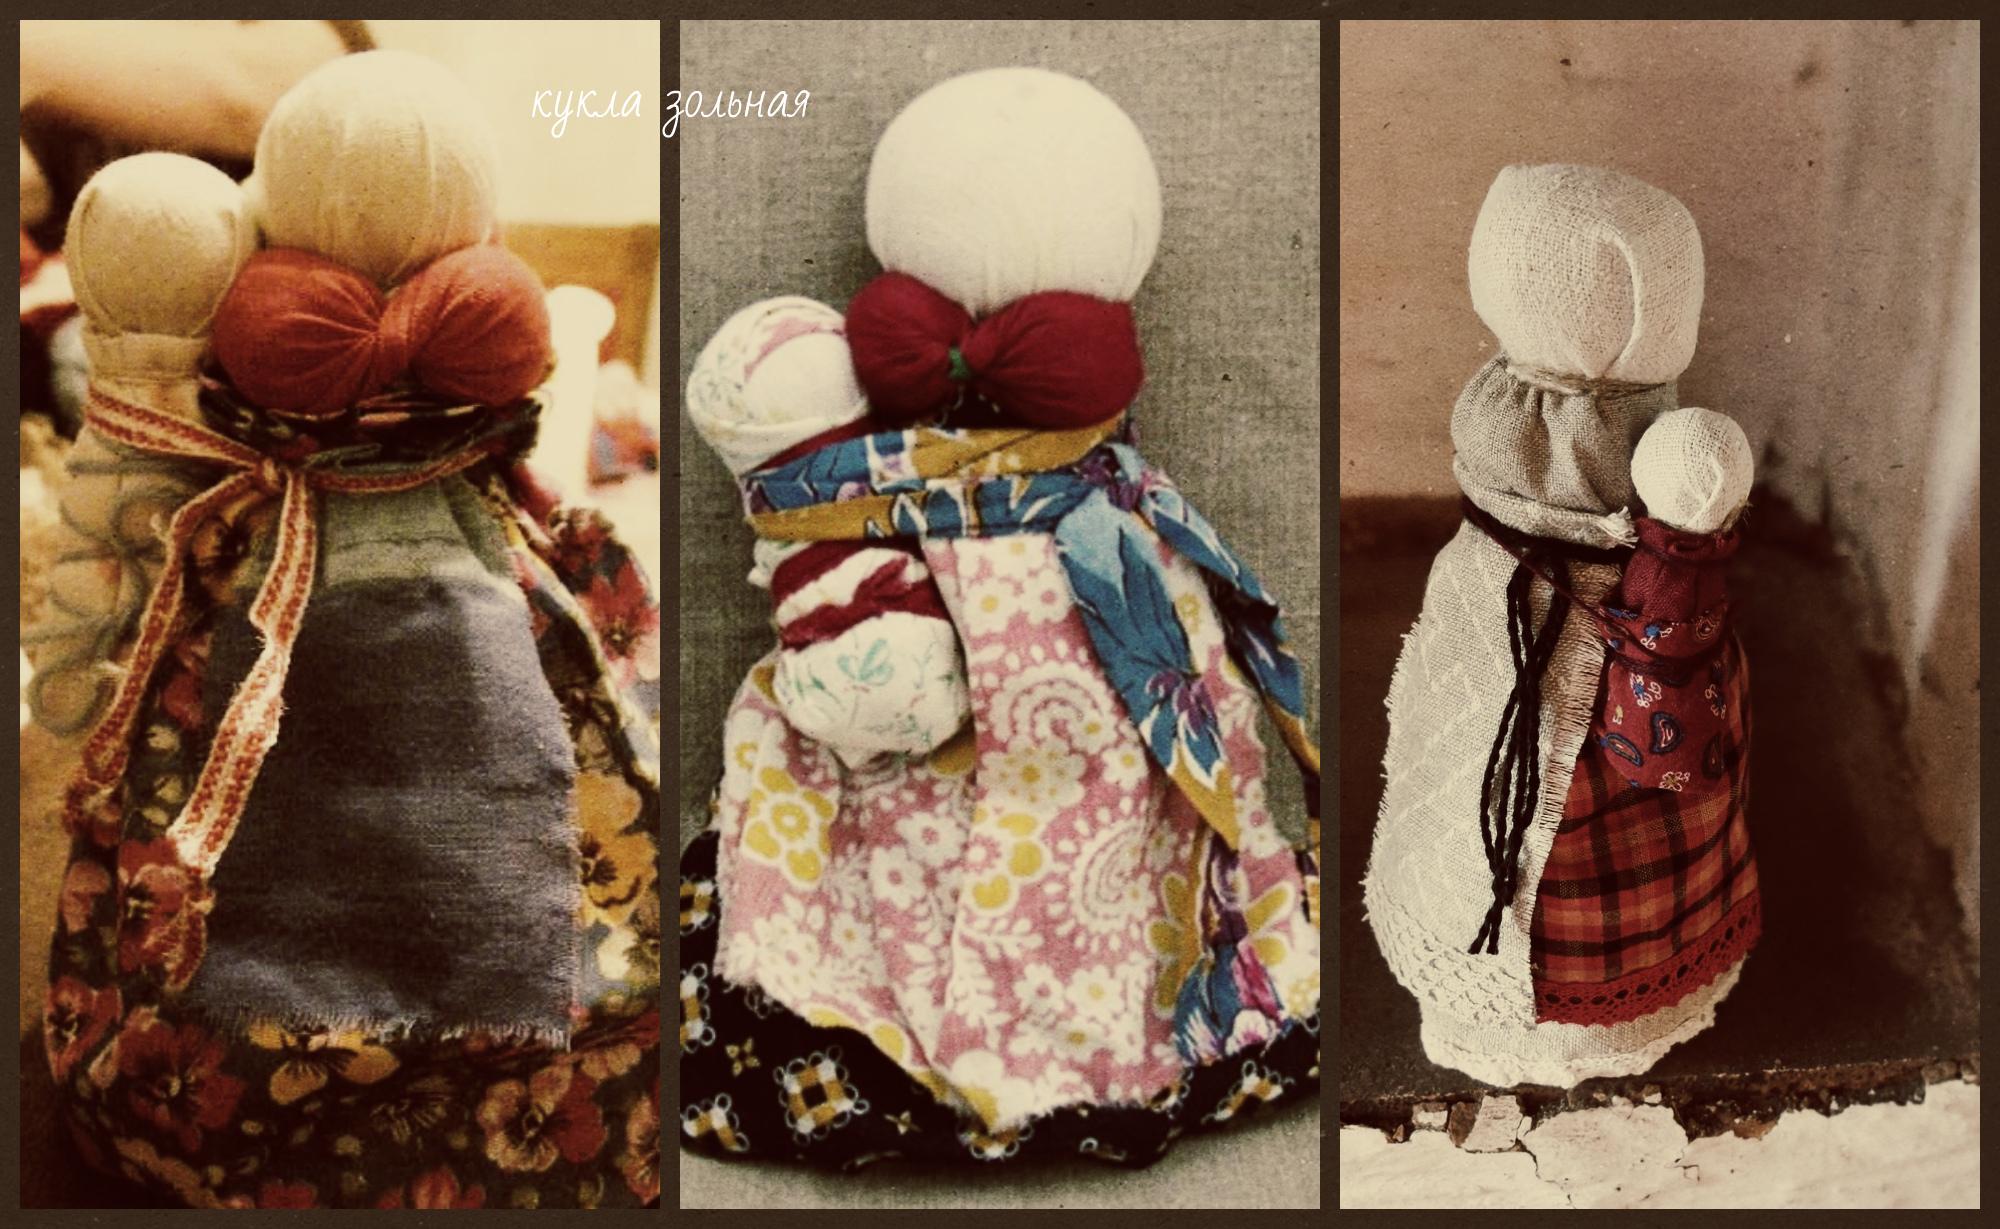 Кукла зольная, значение славянского оберега